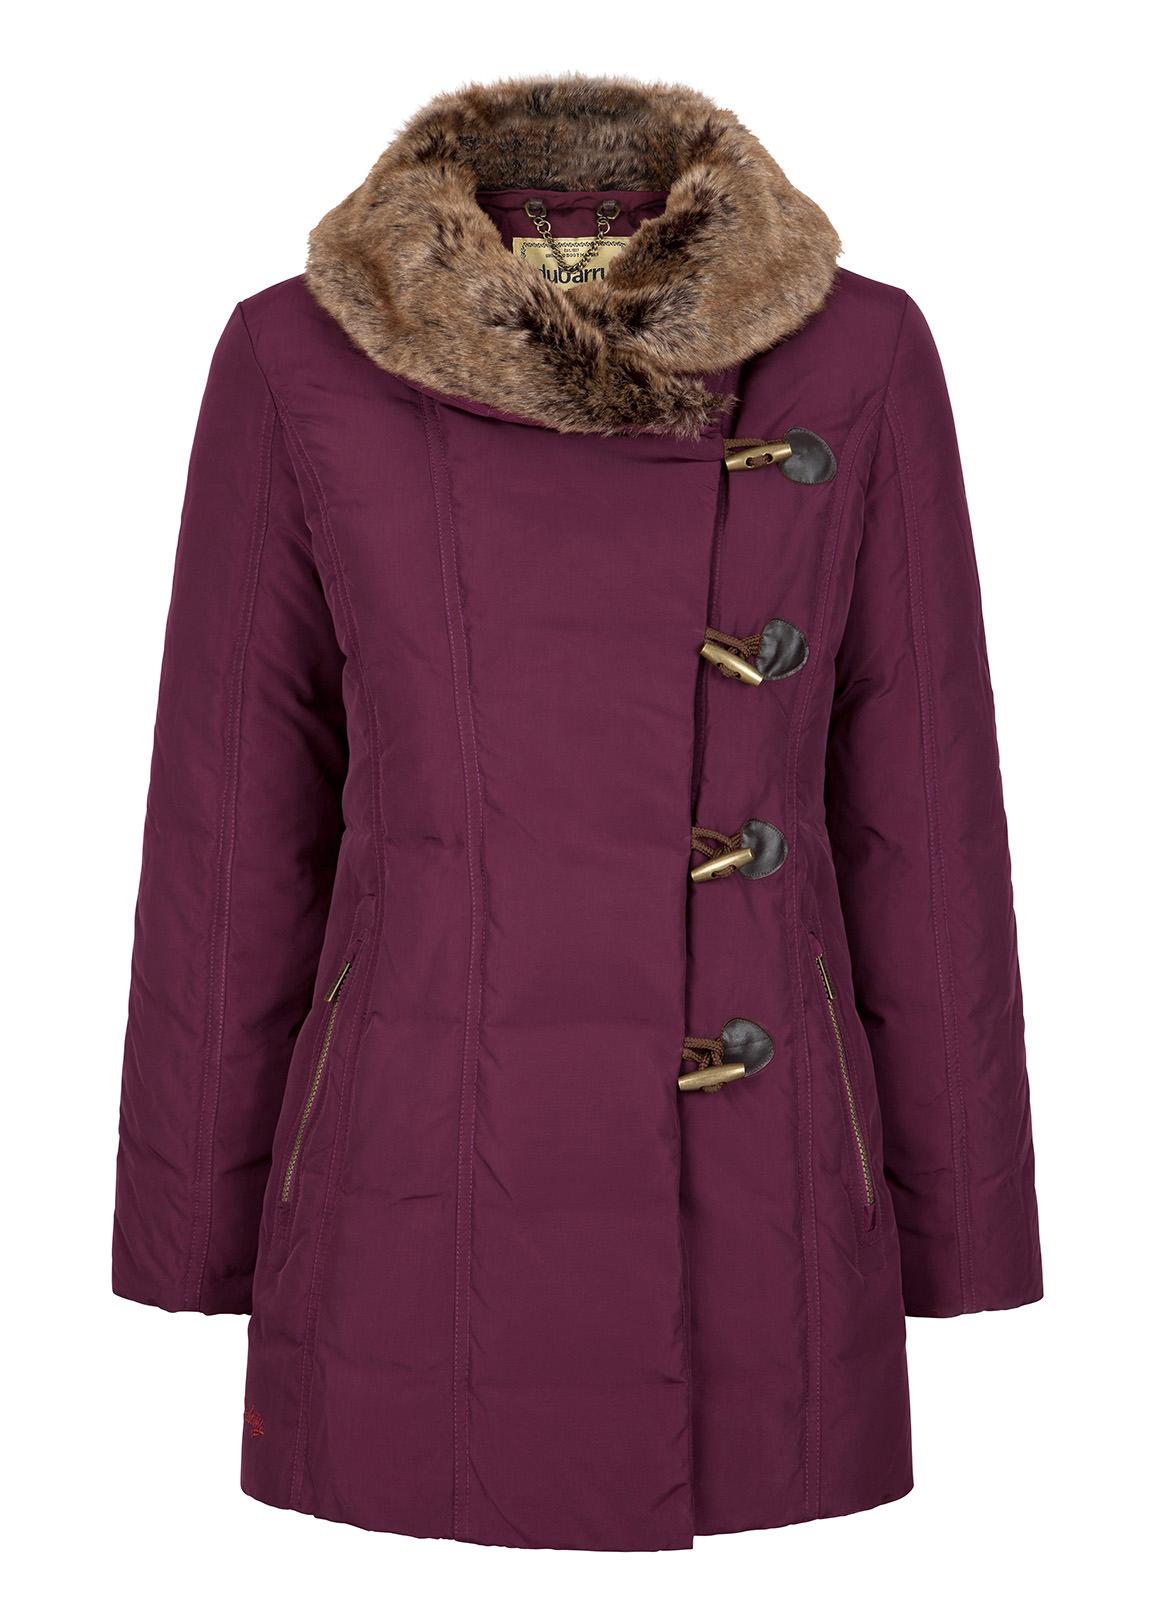 Dubarry_Keyes Women's Jacket - Plum_Image_2